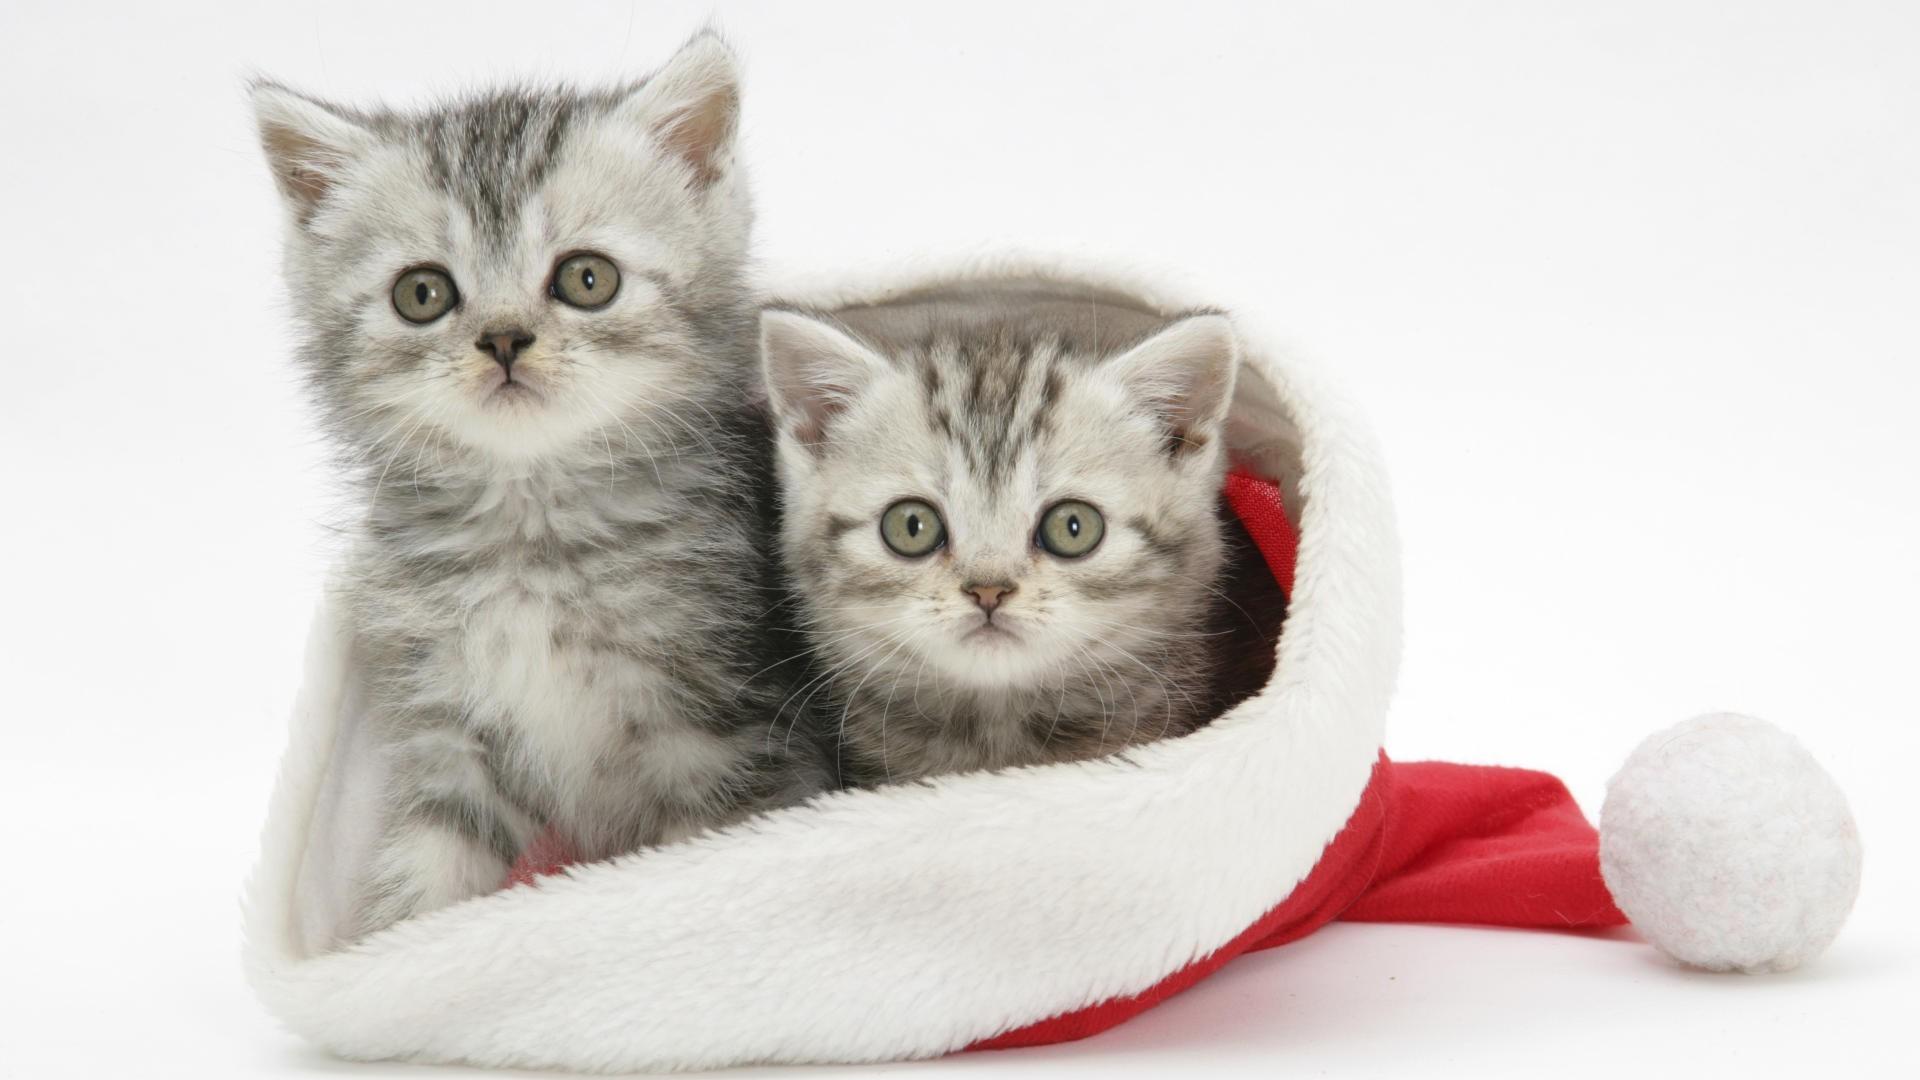 christmas kitten wallpaper ·①